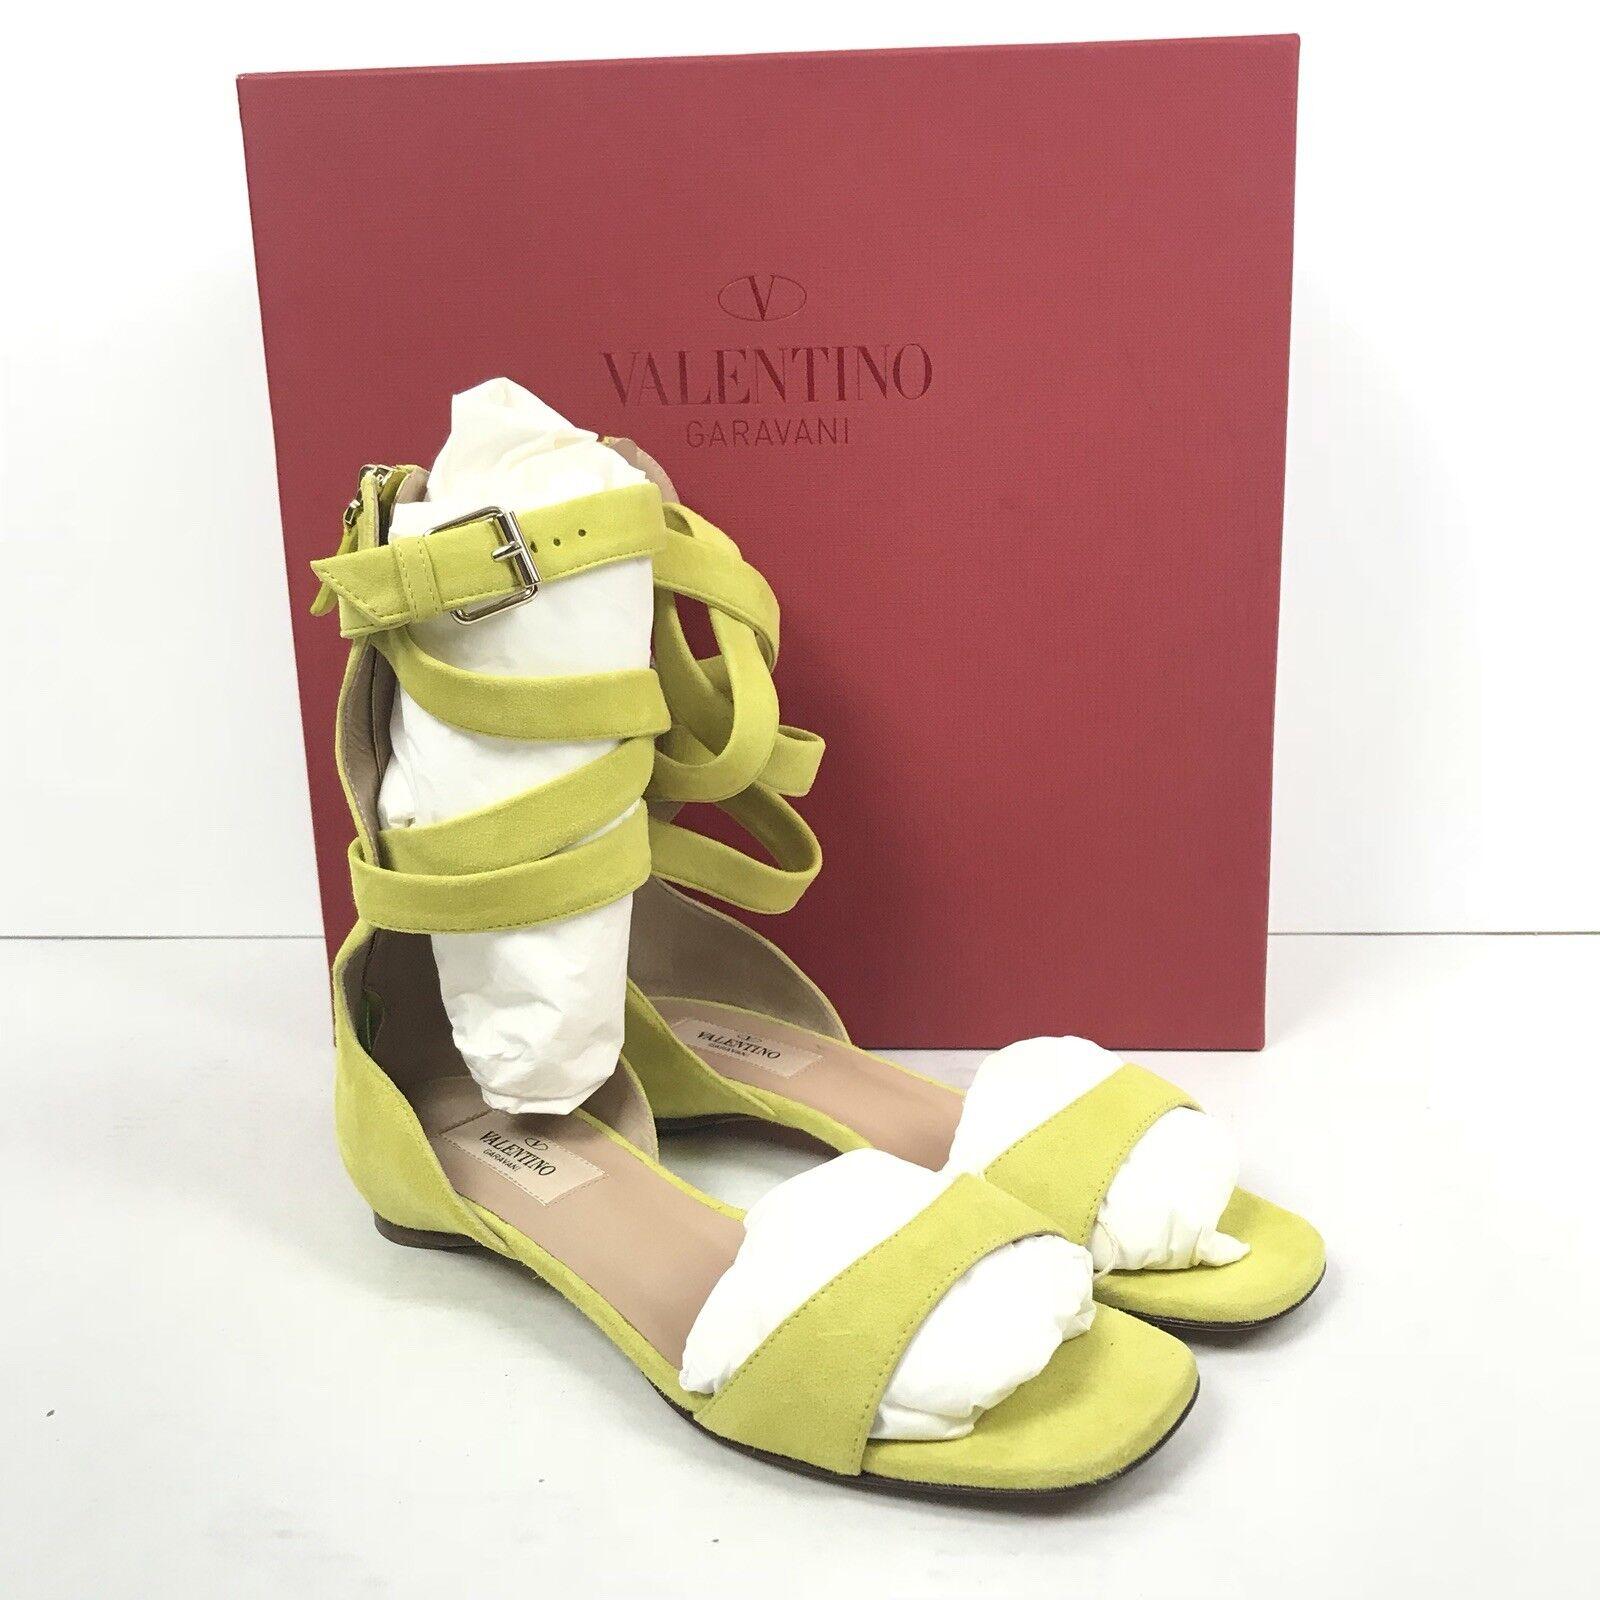 Auth Valentino Garavani Plum Ankle Wrap Grün Flat Sandale SZ 36.5 Grün Wrap Suede 795 c36458